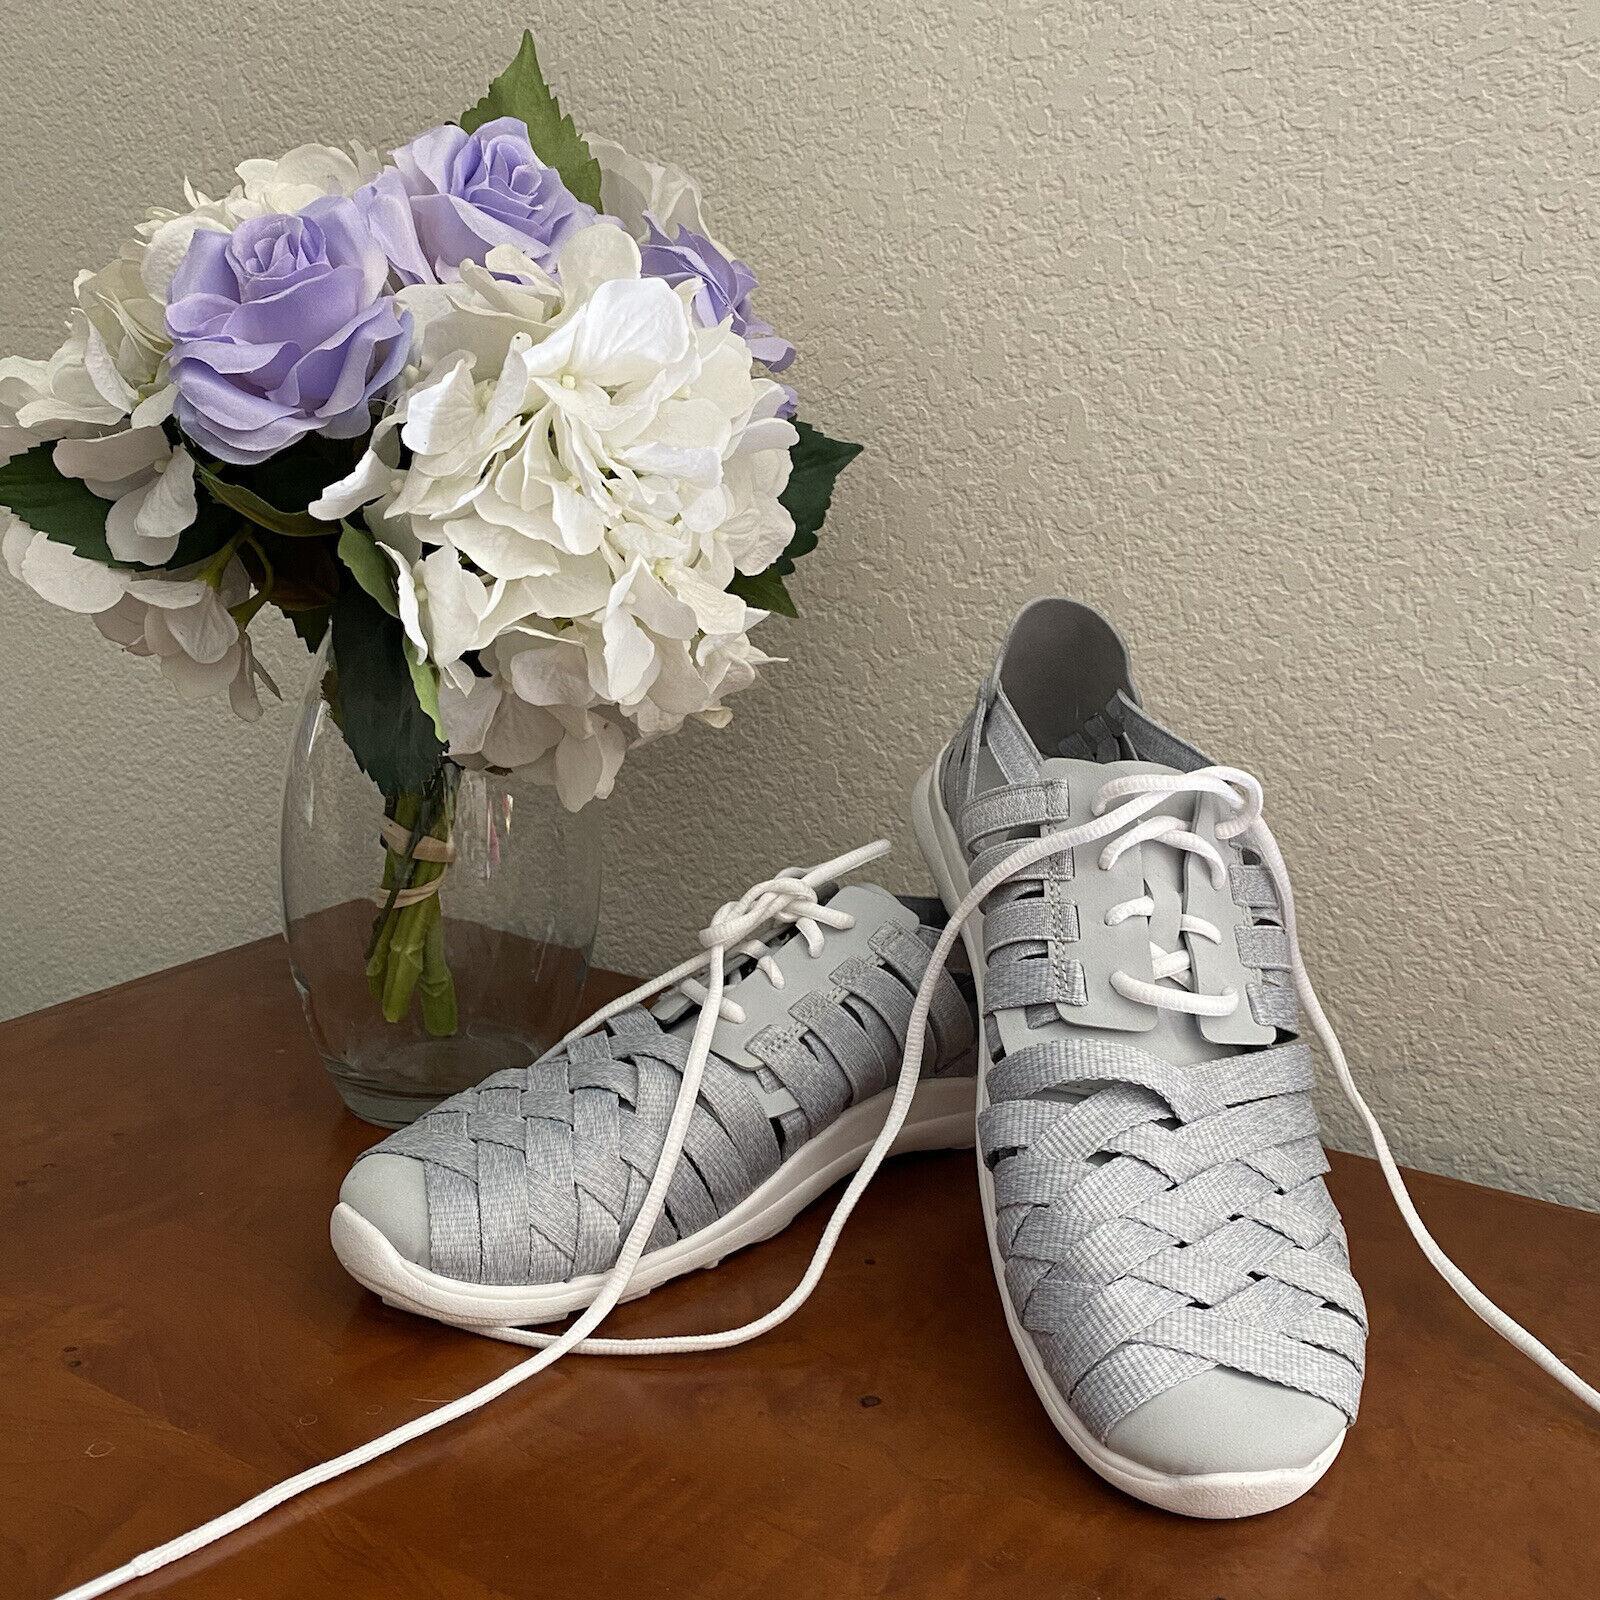 MERRELL Women's Weave Size 9 Lightweight HIGH RISE Performance Run Sneaker Shoes